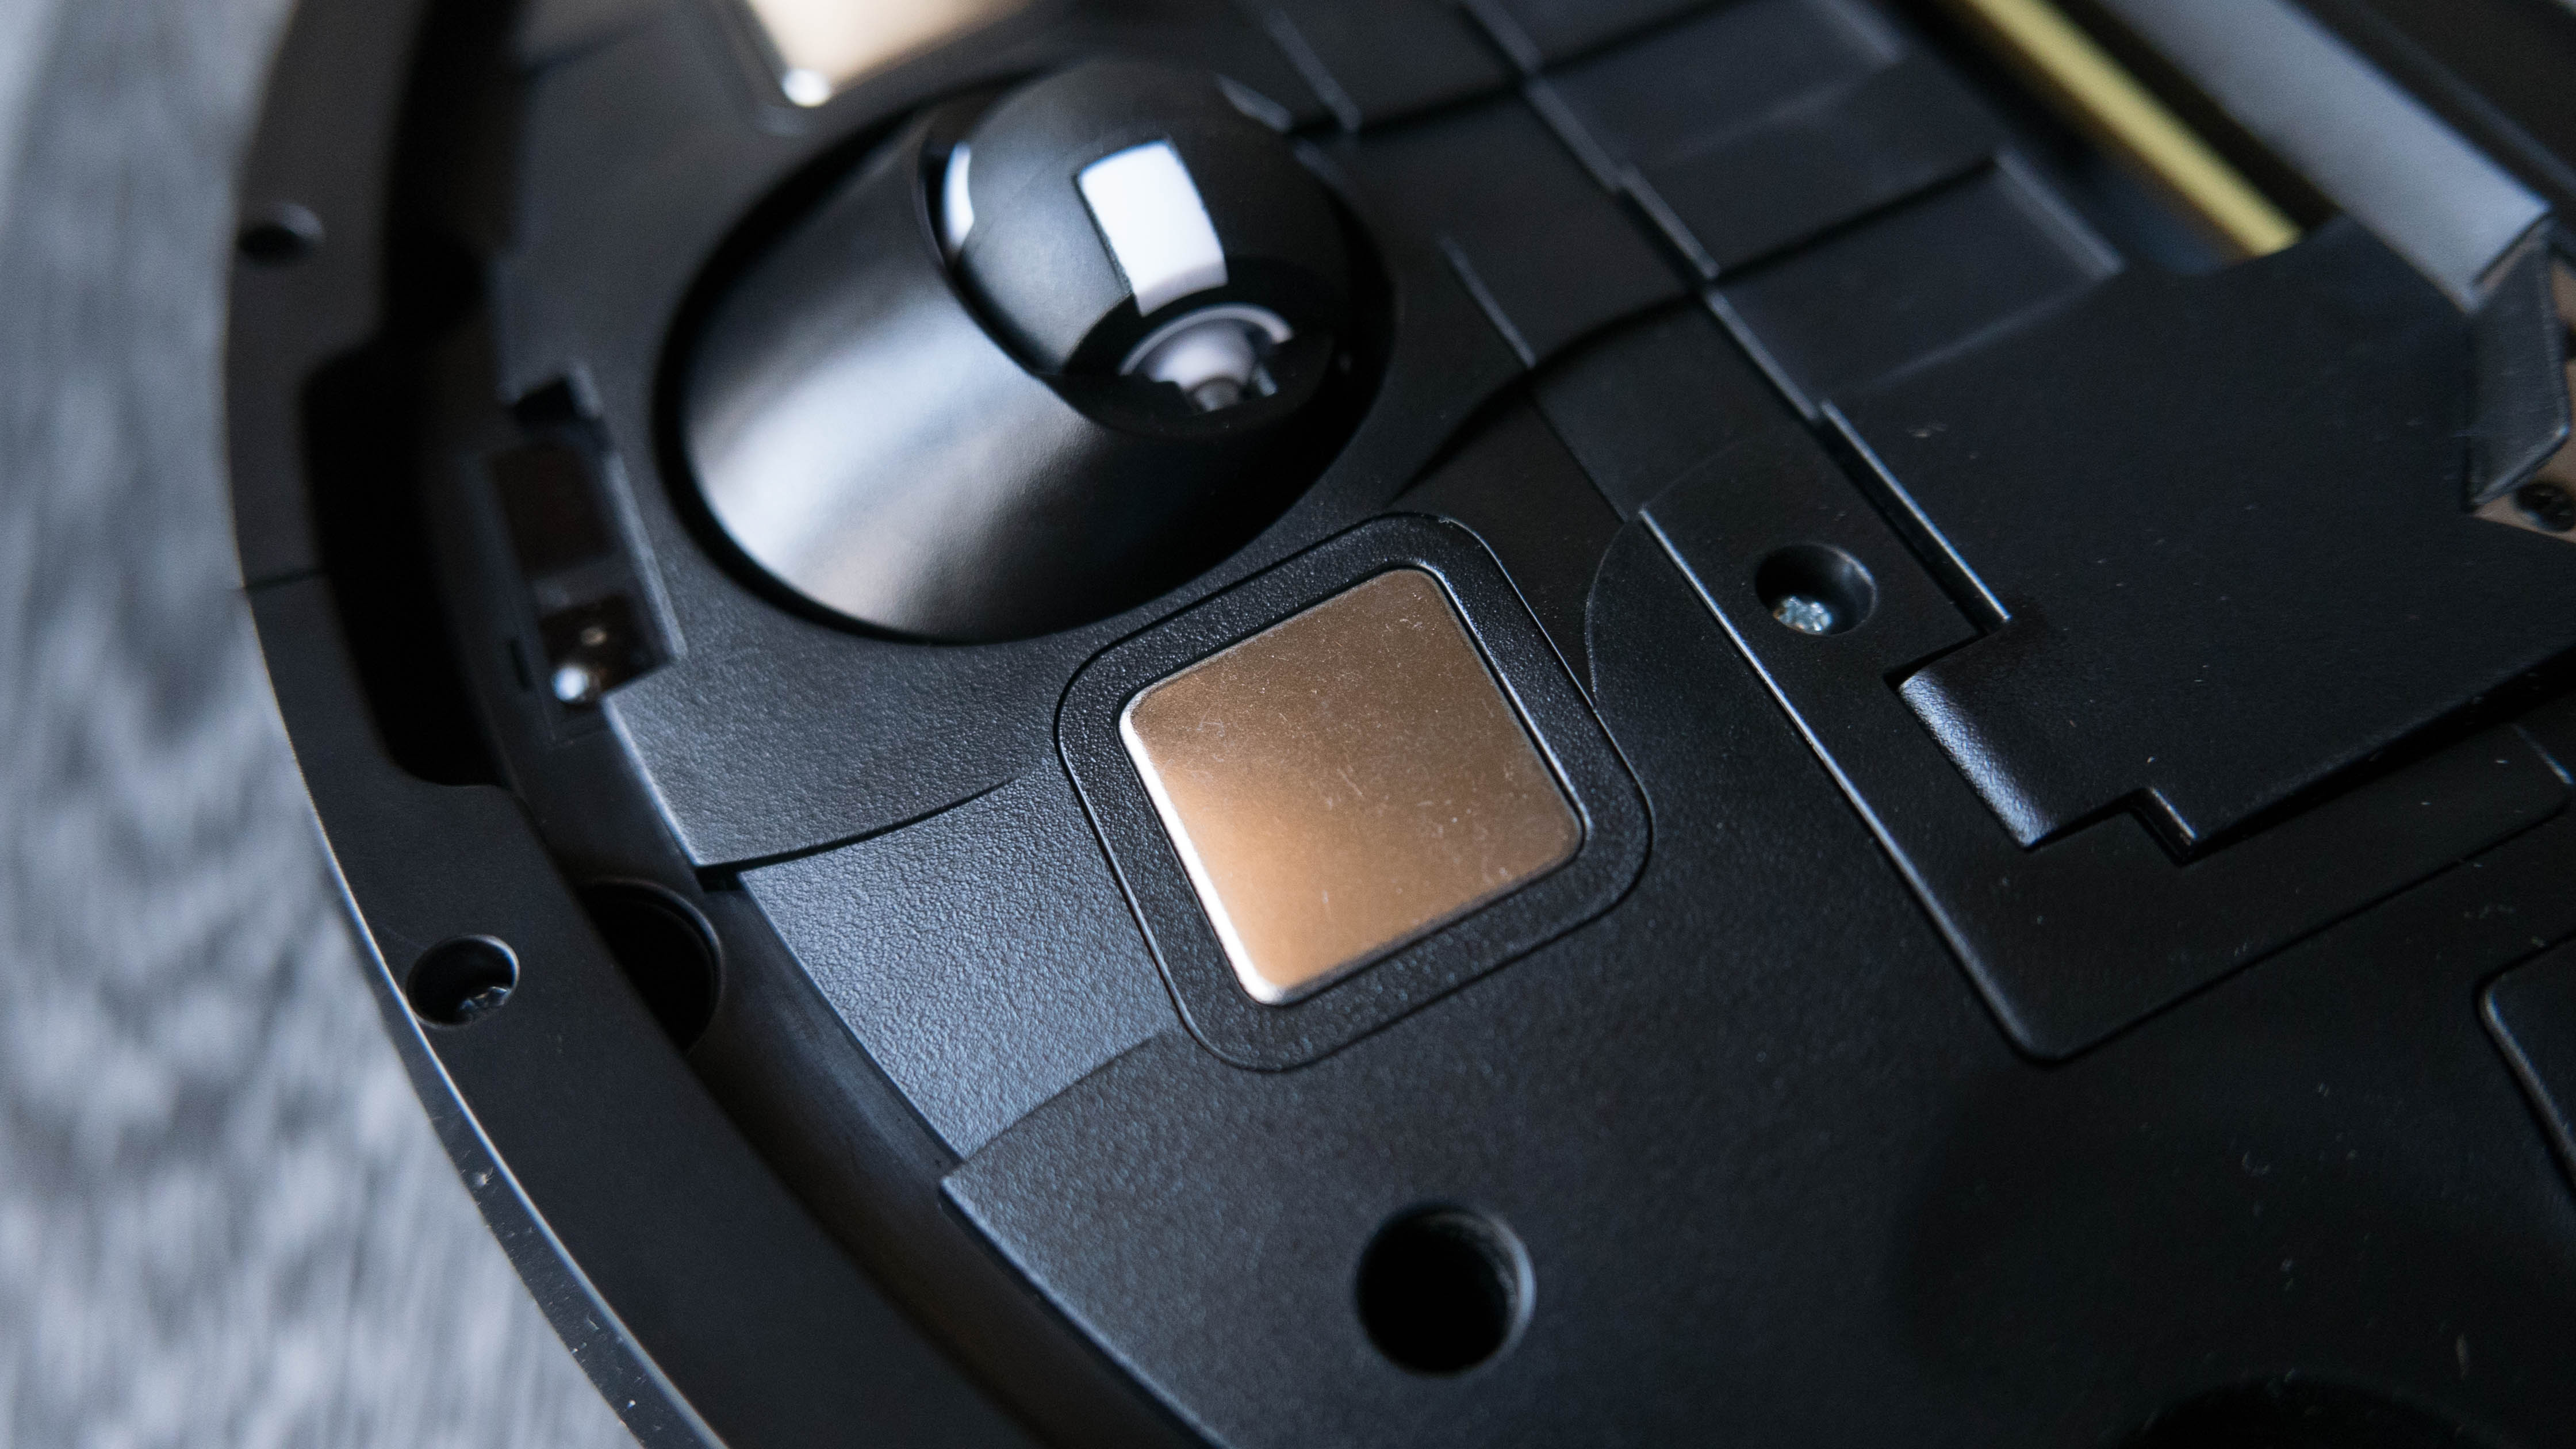 ILIFE V80 Details 19